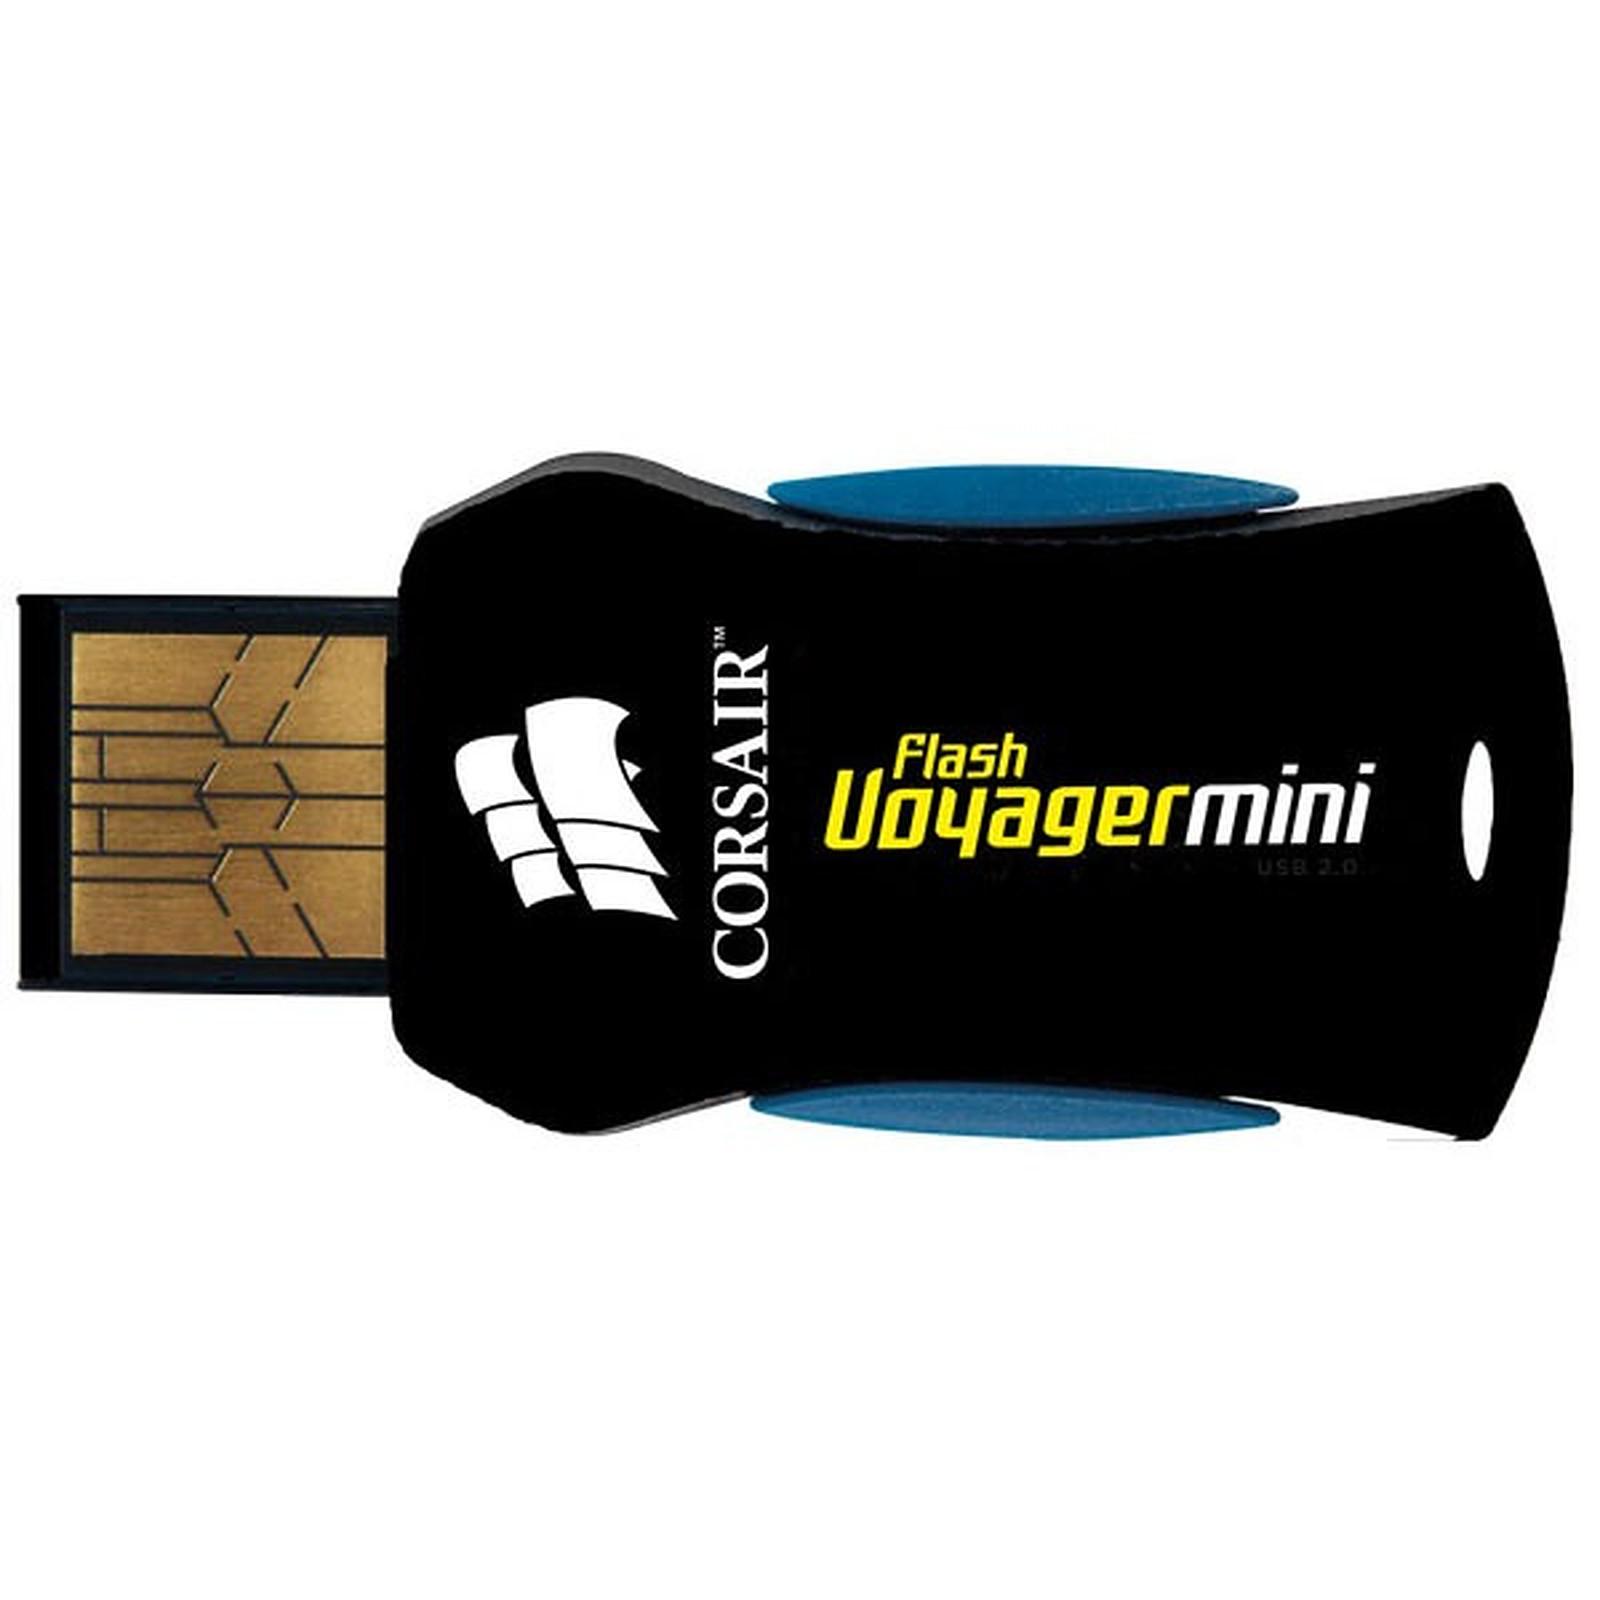 Corsair Flash Voyager Mini USB 2.0 16 GB